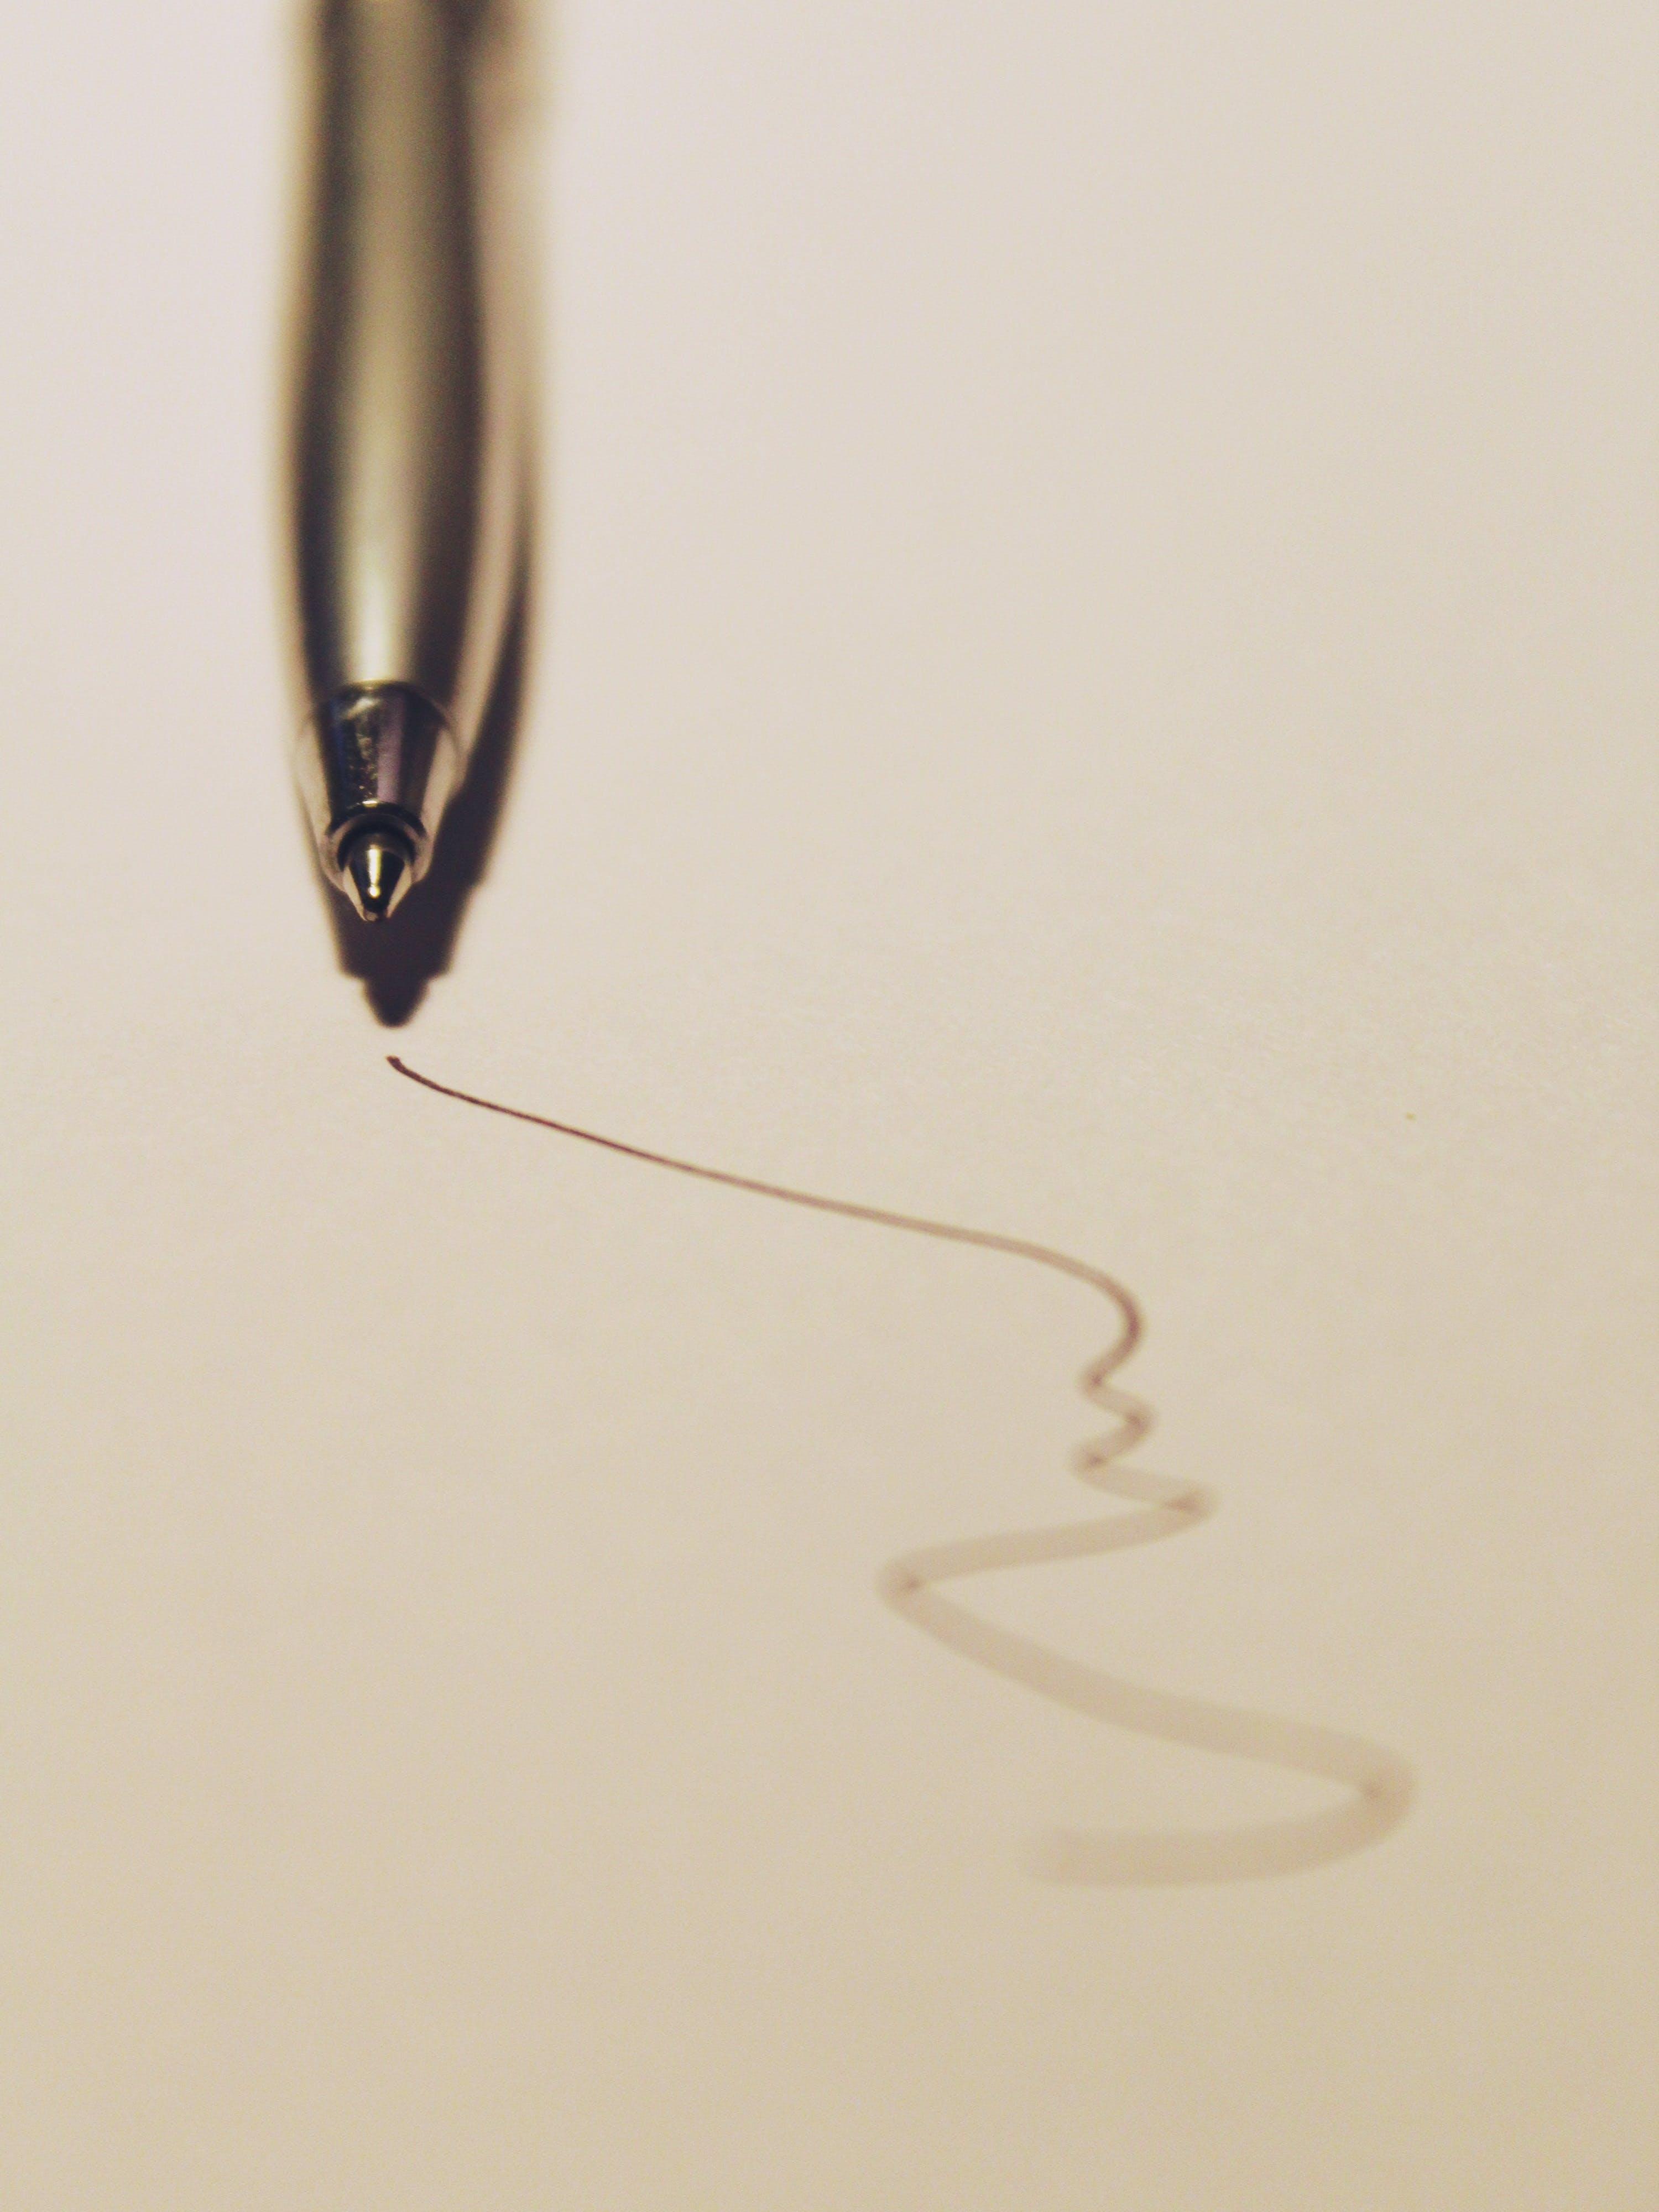 depth of field, paper, pen